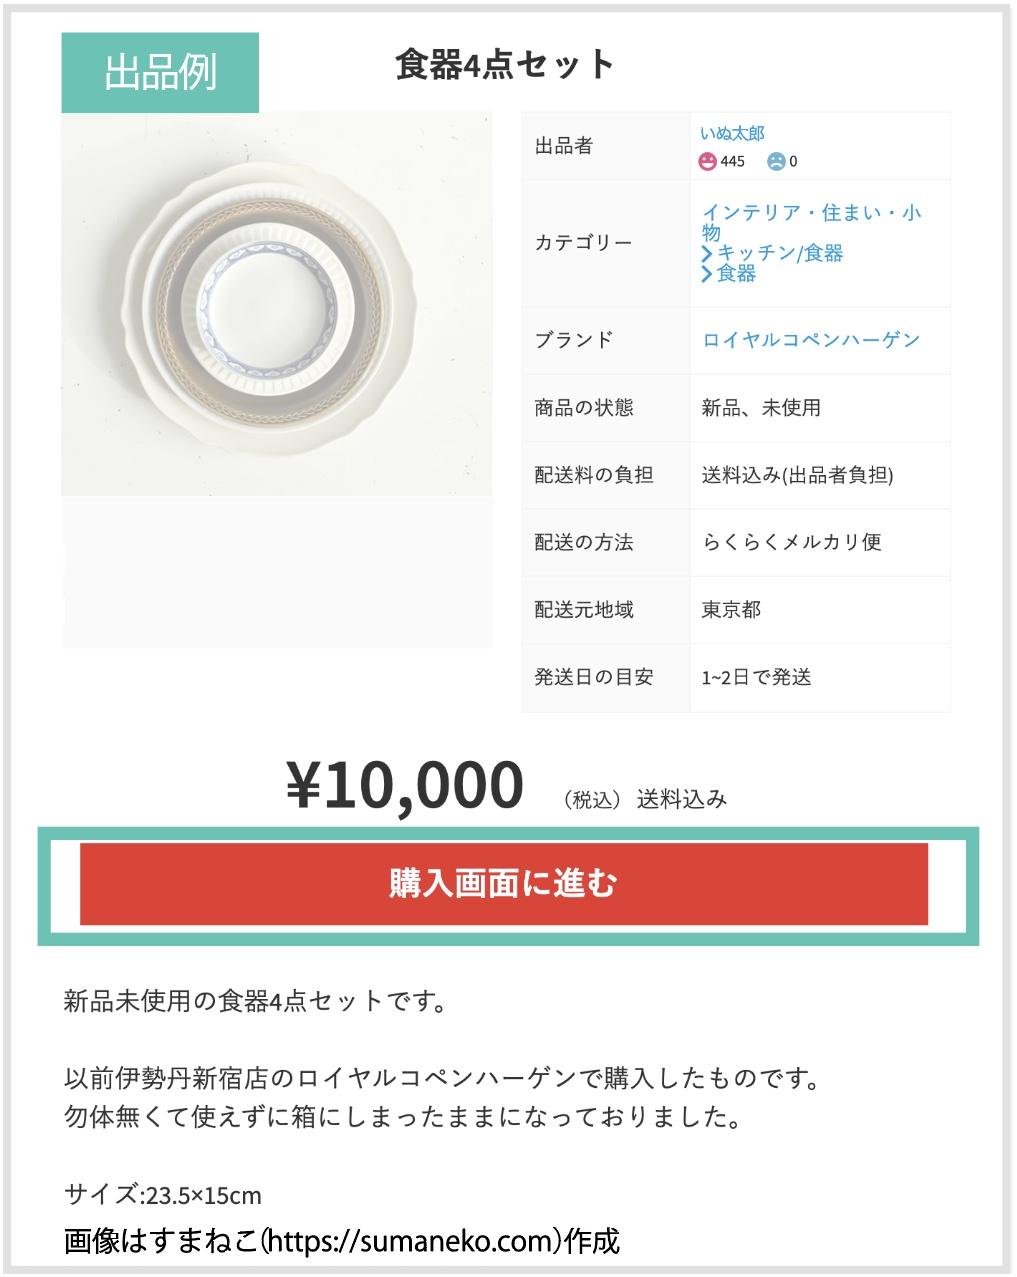 メルカリPC版の「購入画面に進む」ボタン